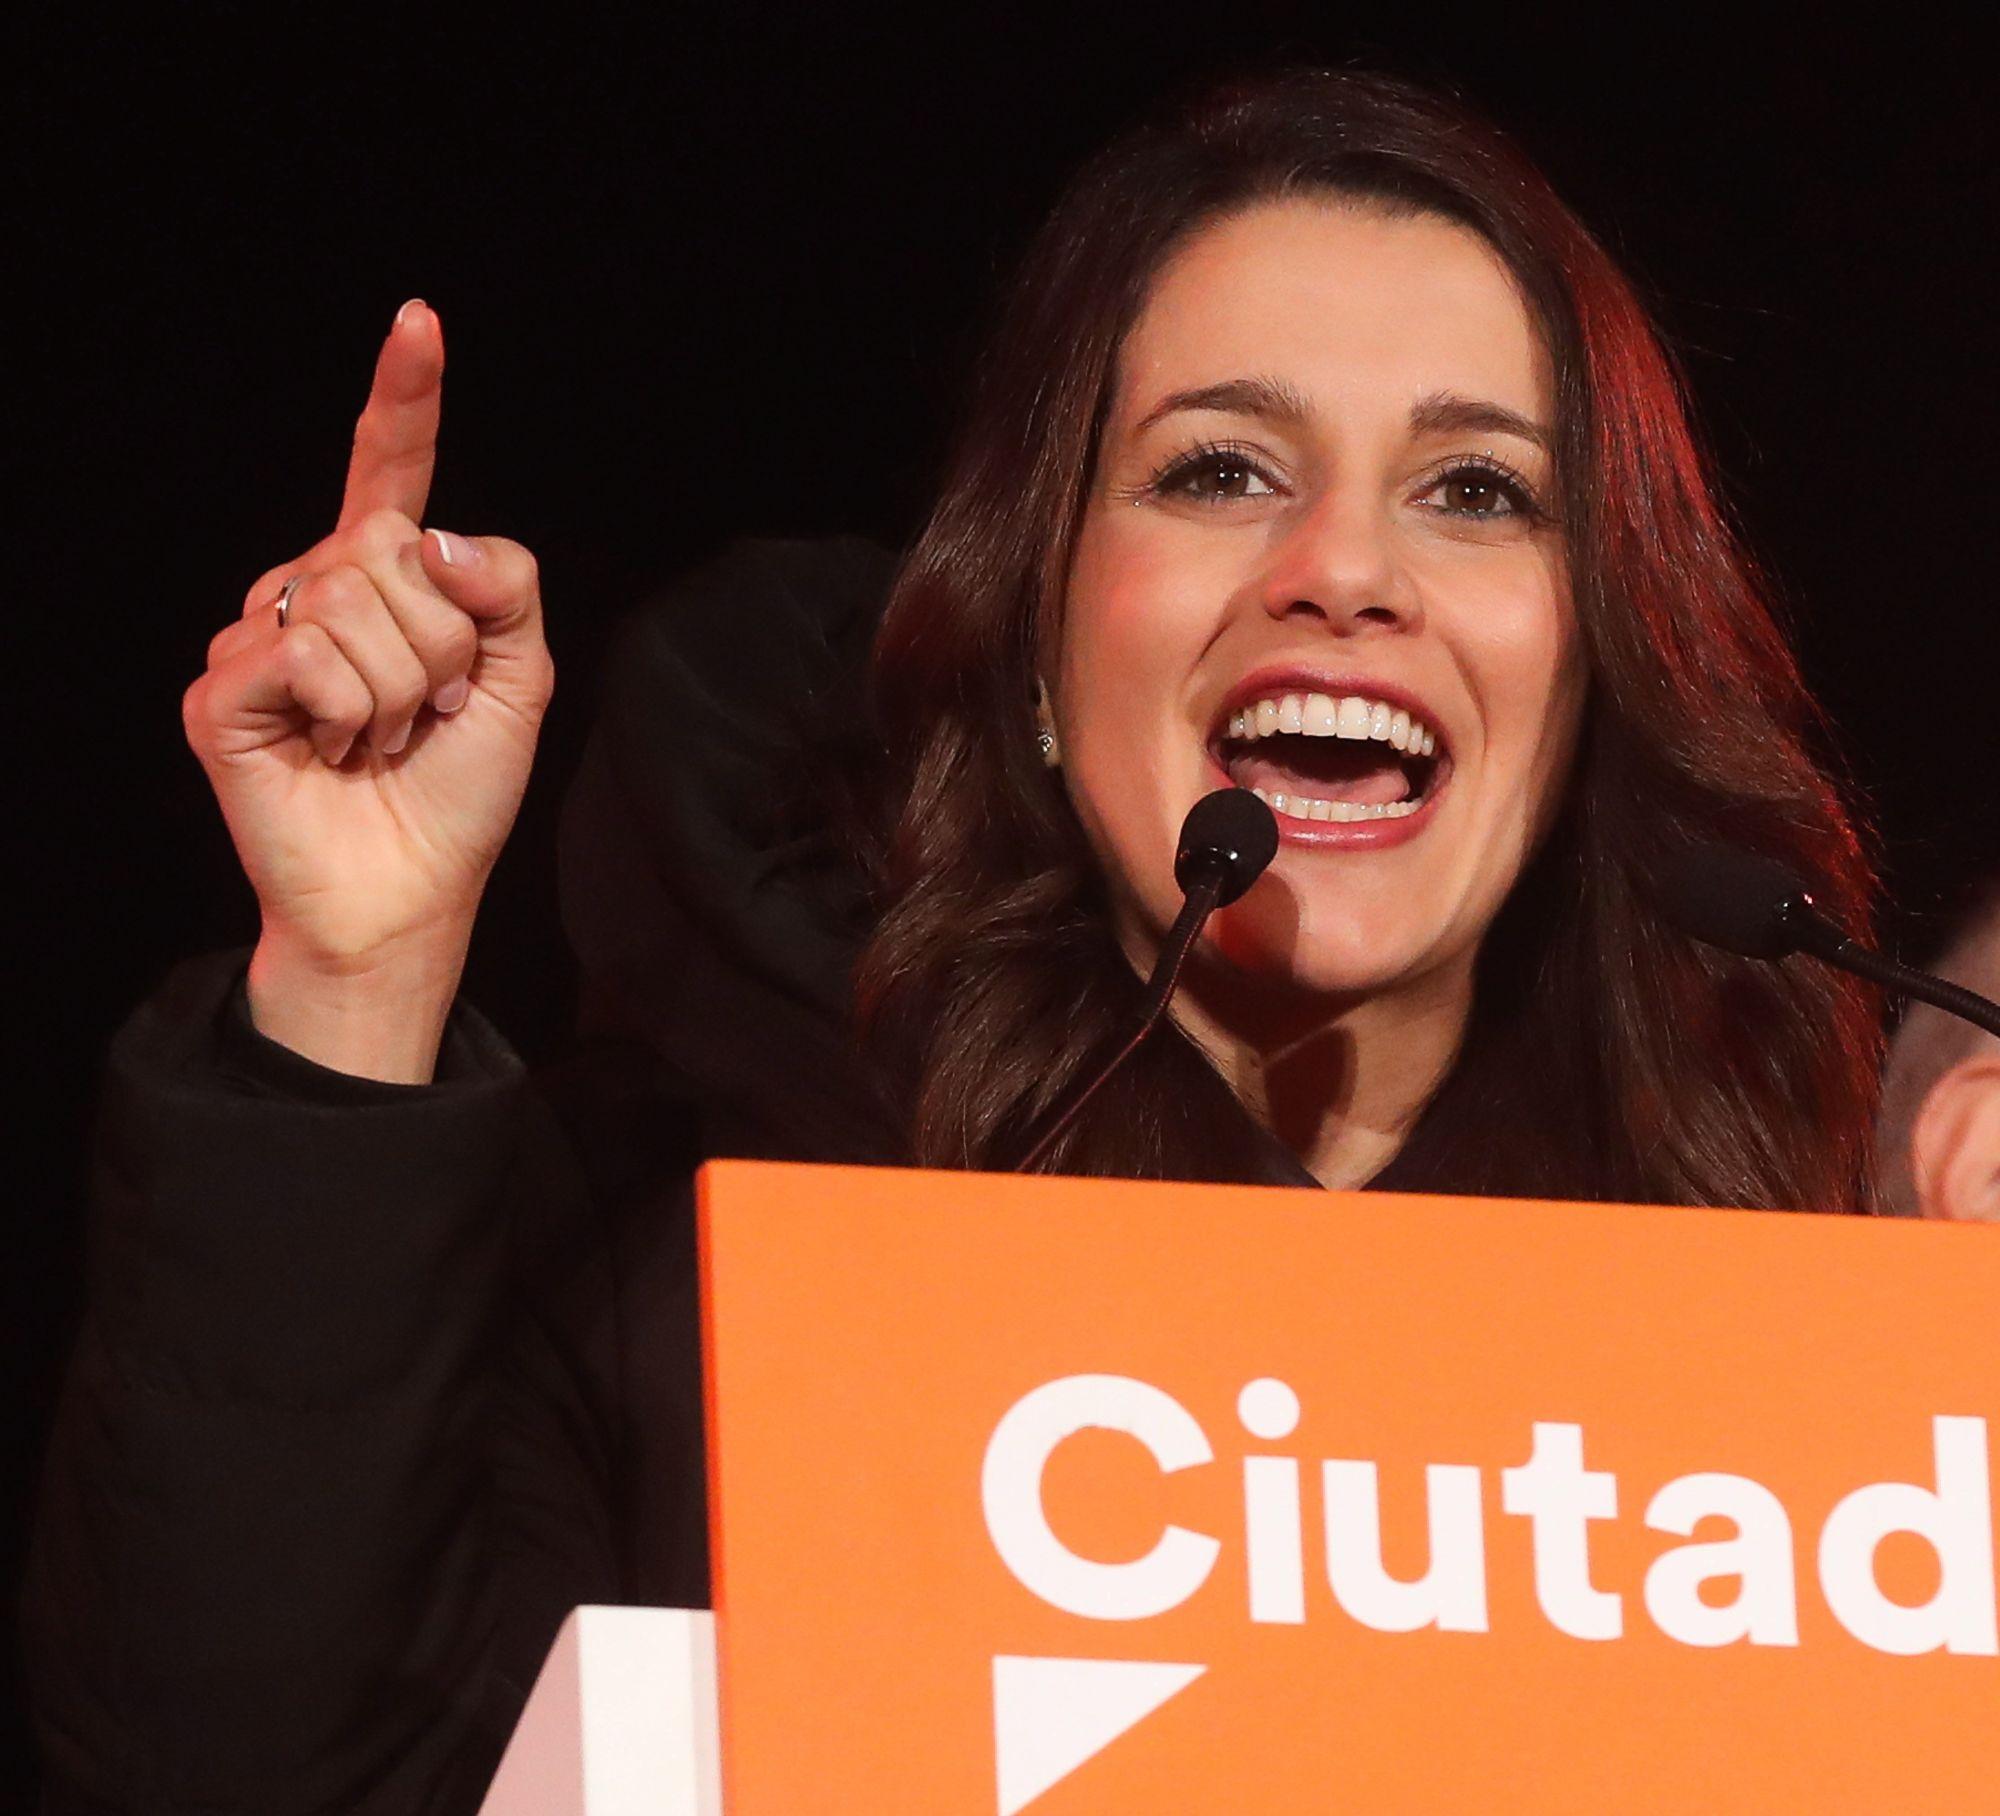 Ines Arrimadas, a Ciudadanos (Állampolgárok) spanyol liberális középpárt jelöltje beszédet mond az előrehozott katalán regionális parlamenti választások napján, 2017. december 21-én, urnazárás után Barcelonában. A Ciudadanos megnyerte a választást, azonban a függetlenségi pártok szerezték meg a parlamenti többséget. (MTI/EPA/Javier Etxezarreta)